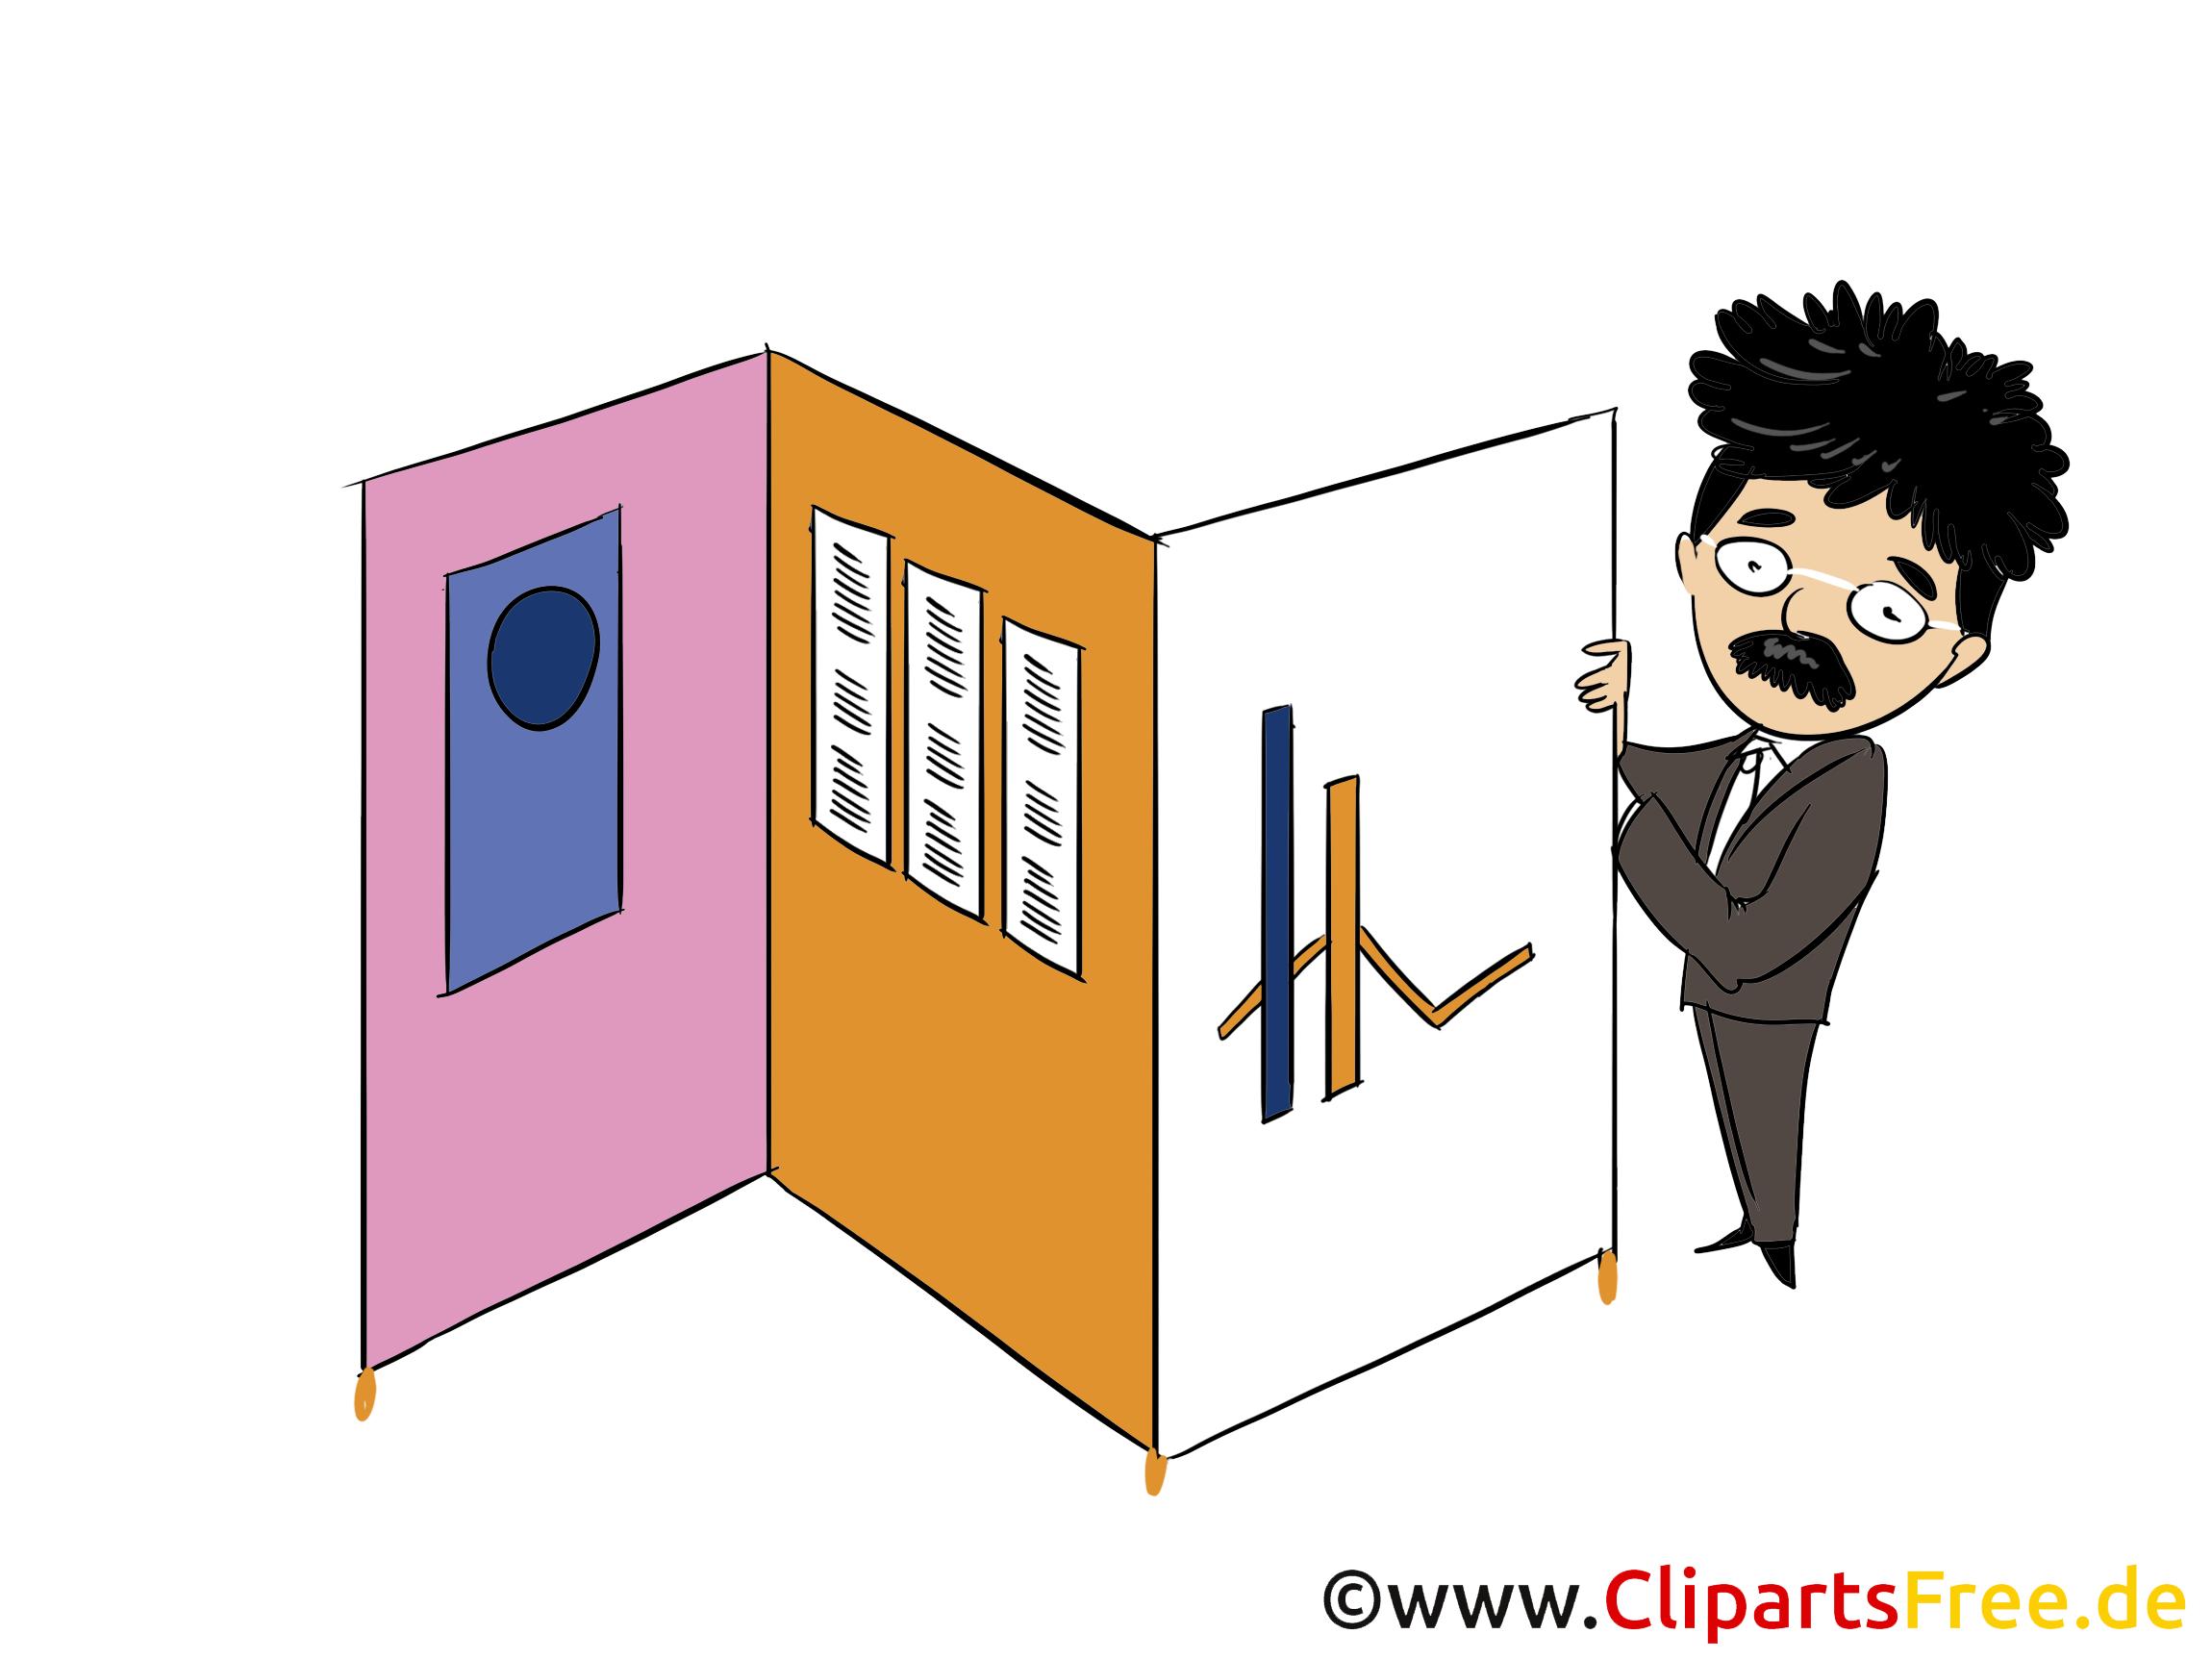 Versicherung Police Clipart, Illustration, Bild, Grafik